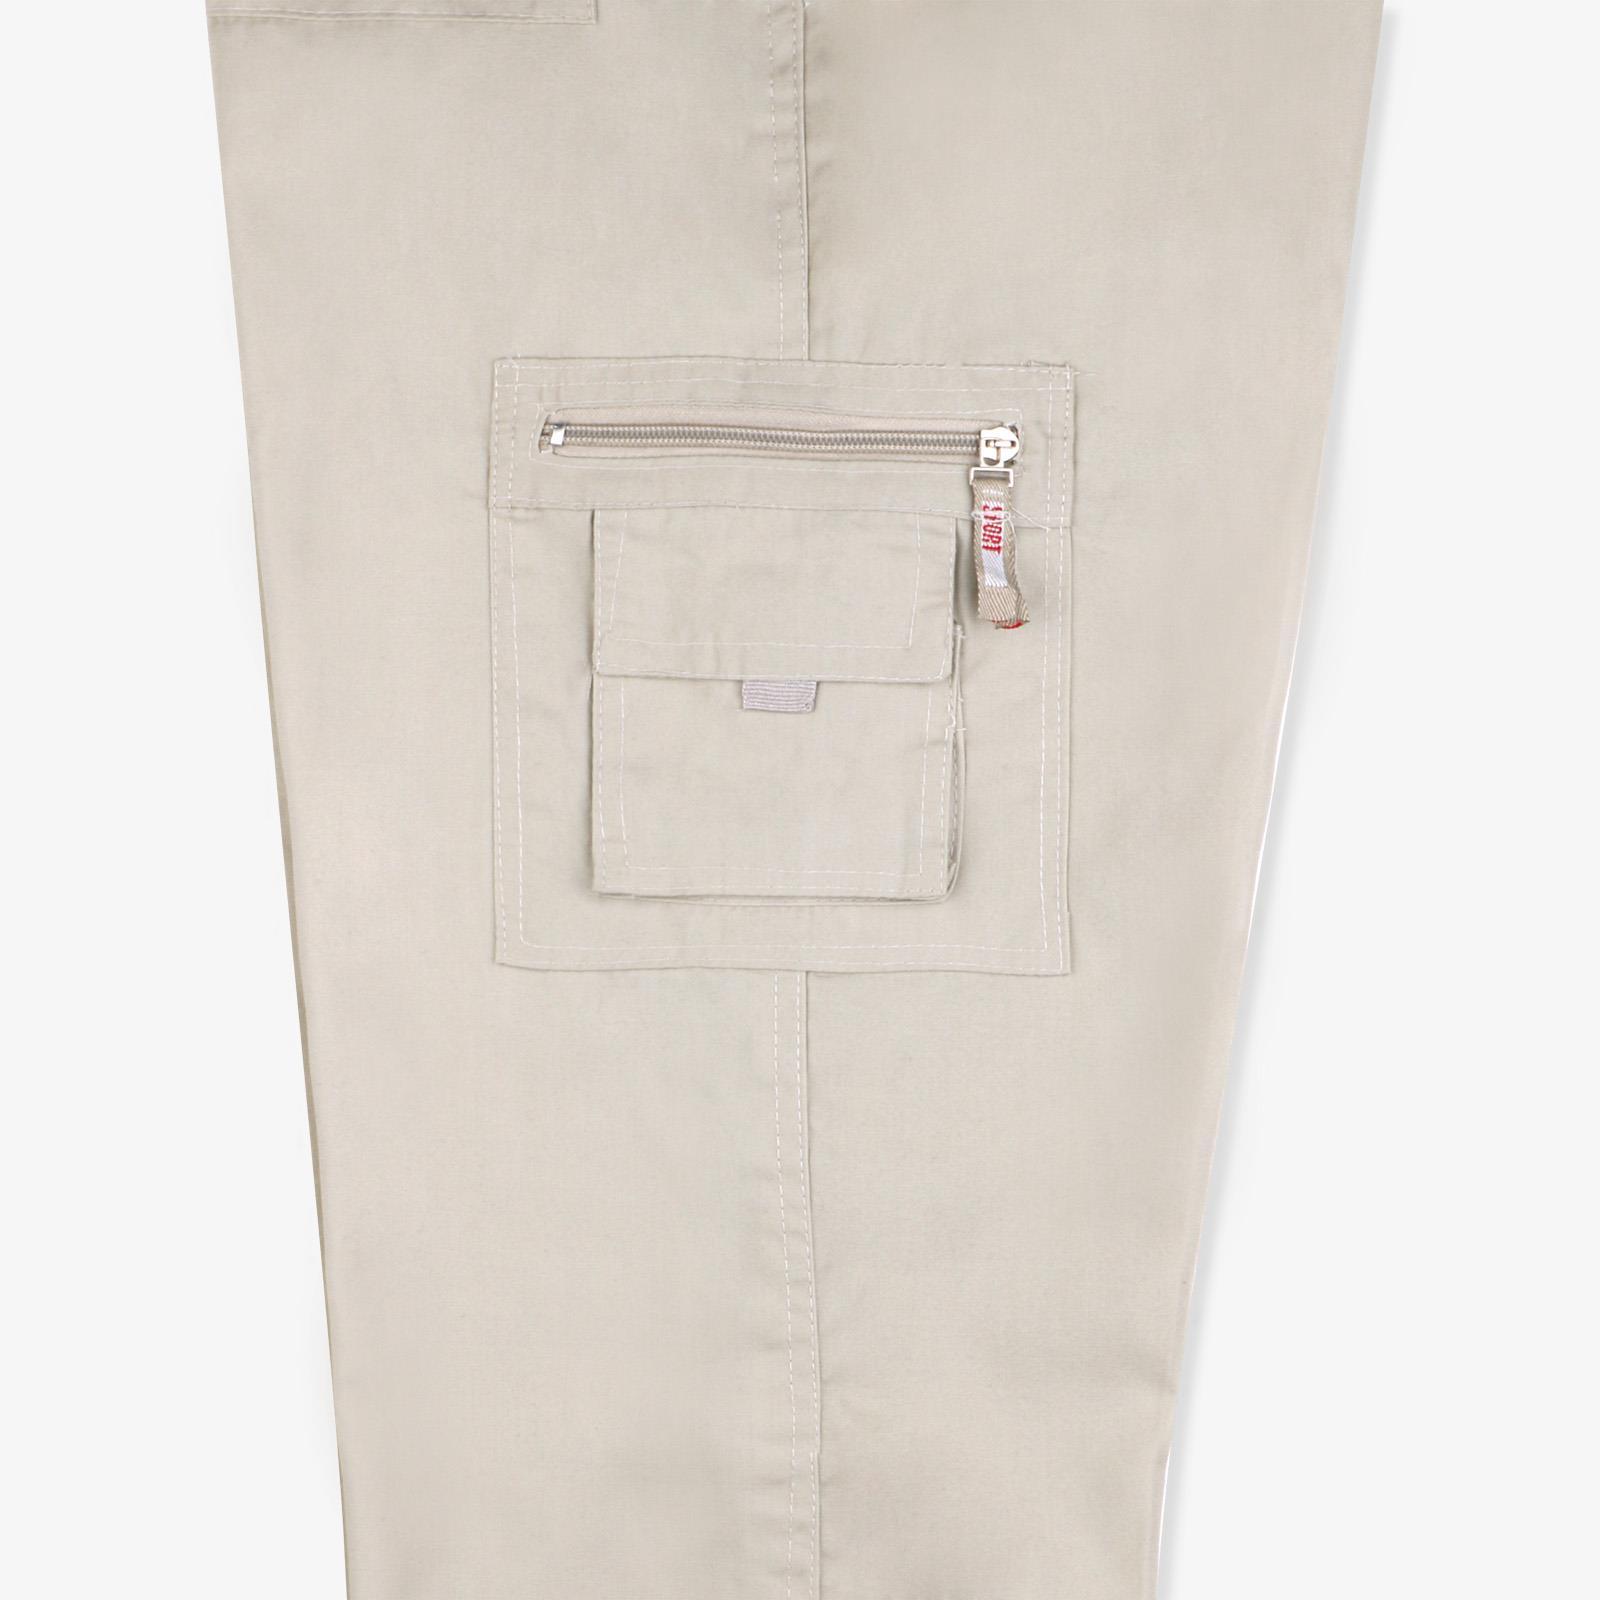 Pantalon-Homme-Cargo-Militaire-Ample-Poche-Grande-Taille-Elastique-Travail miniature 15